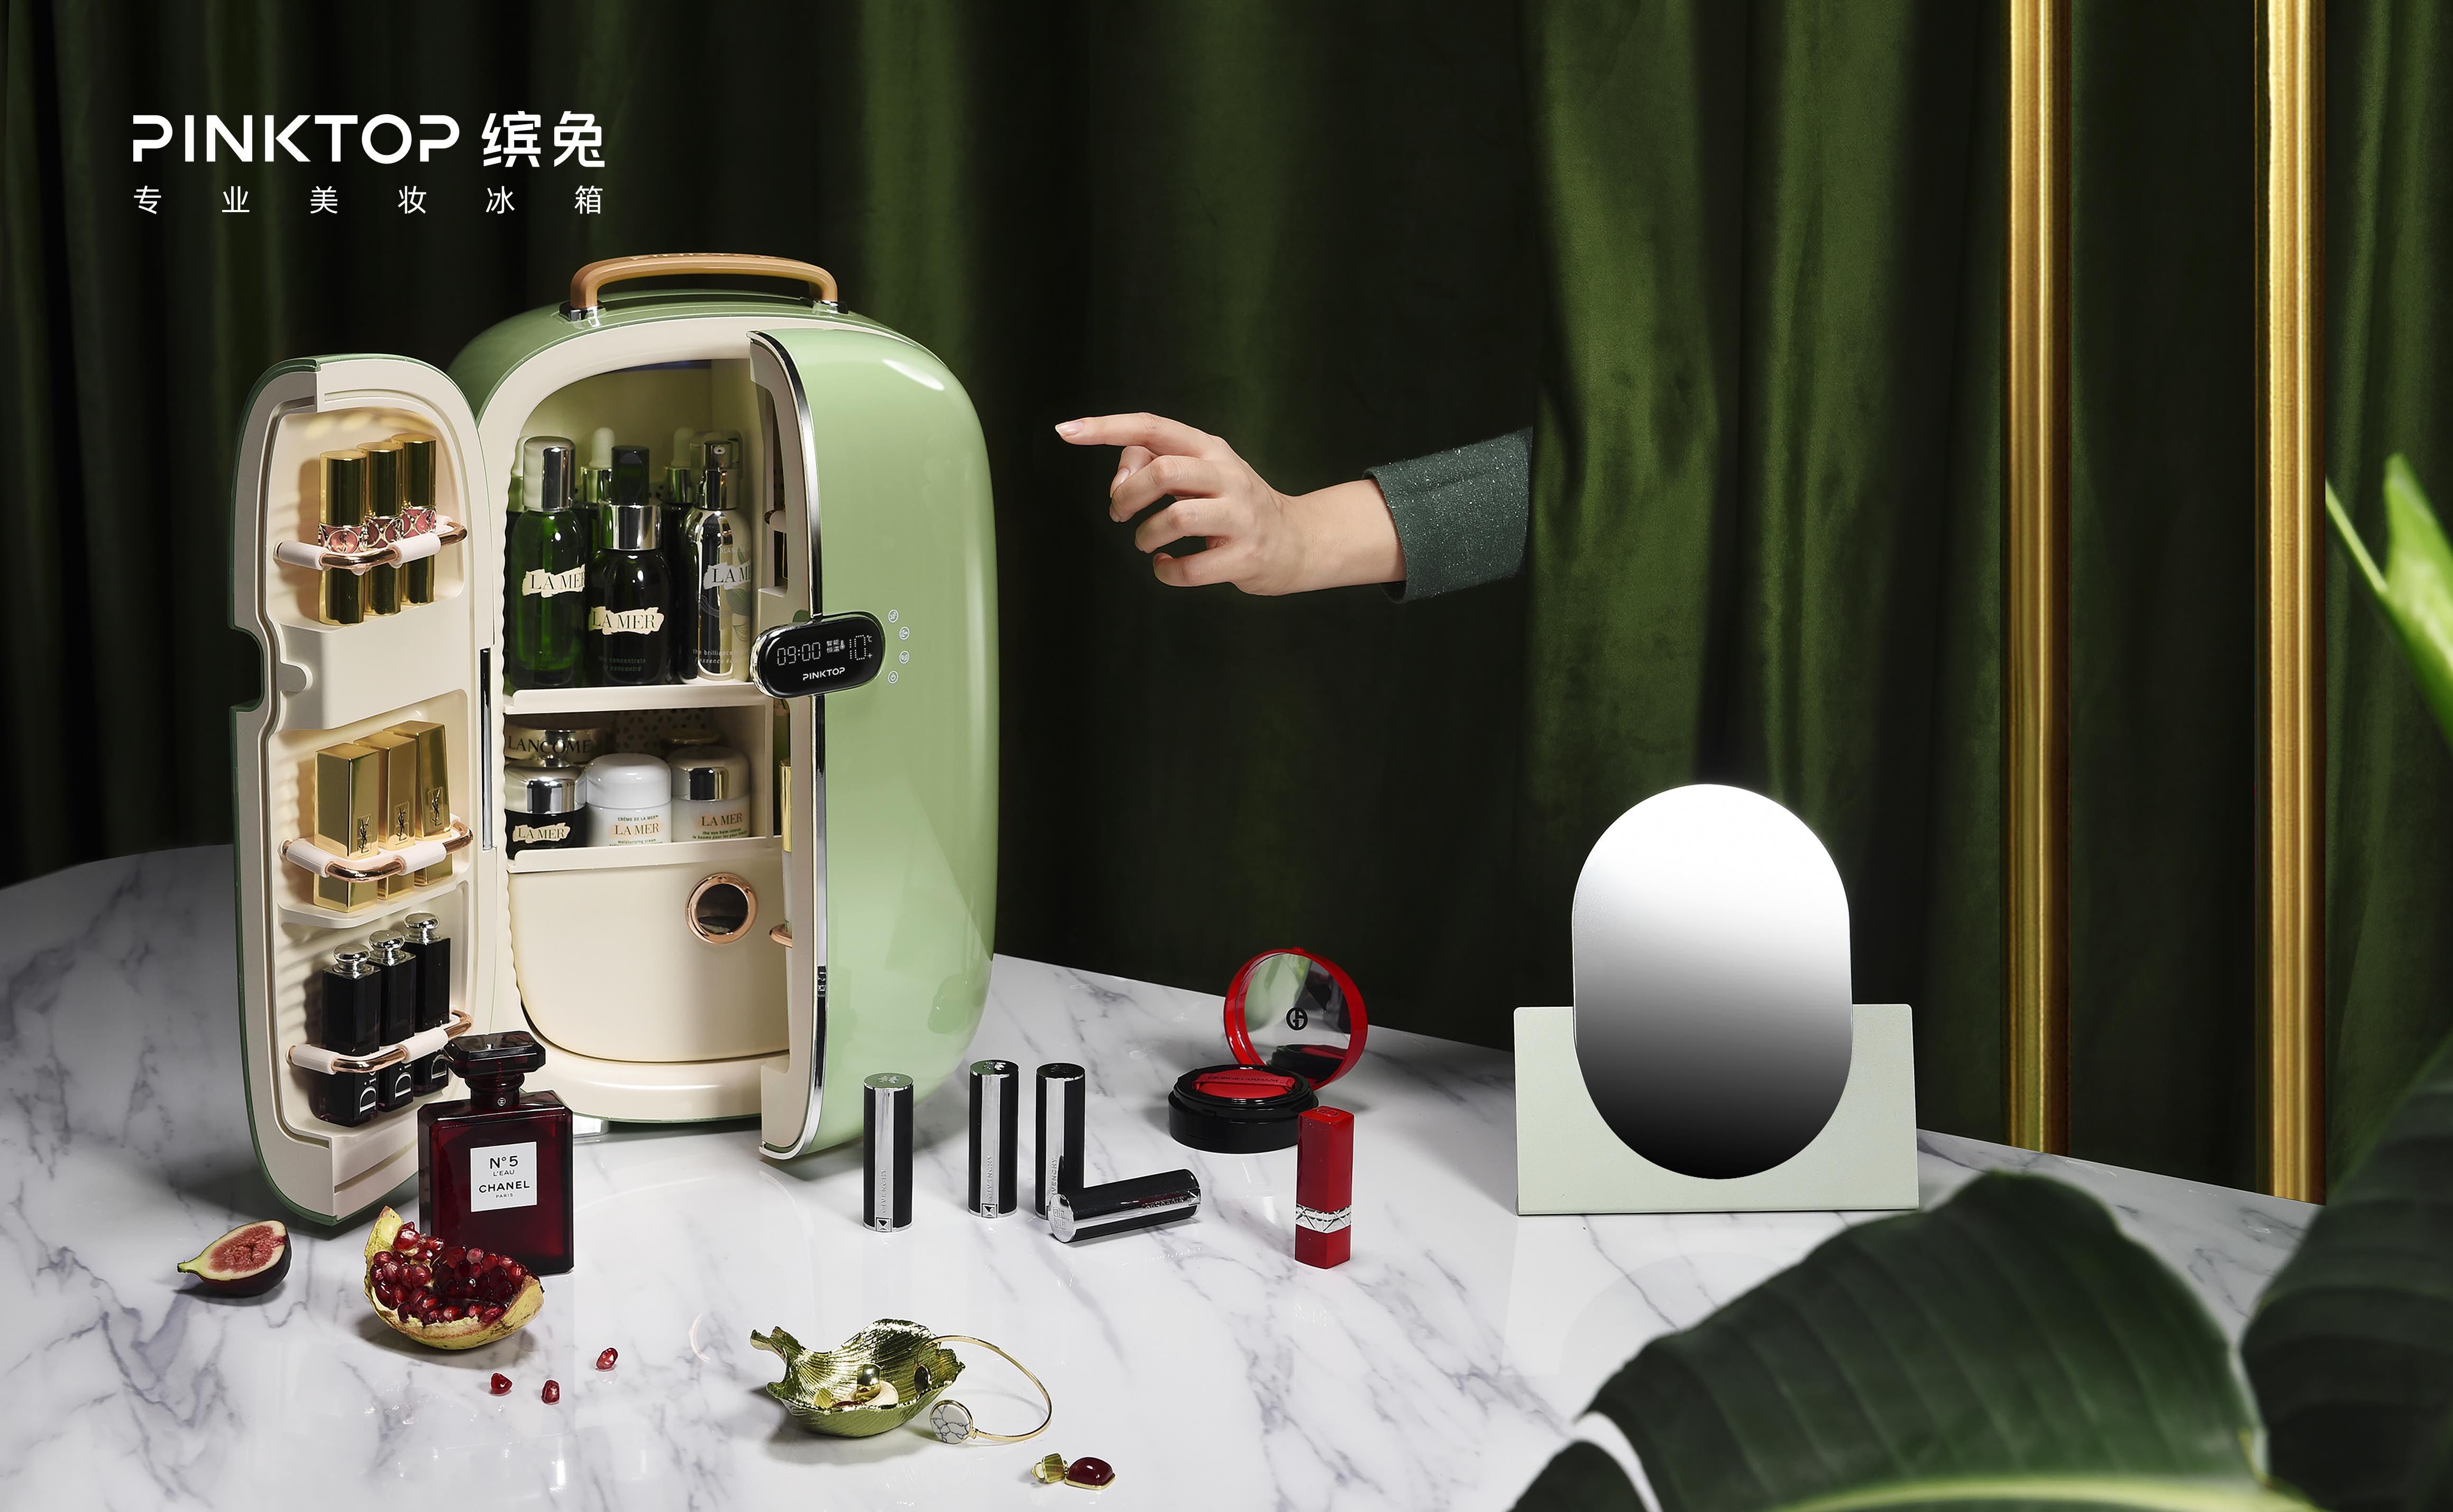 专访缤兔,美妆冰箱这一新品类究竟有没有机会?